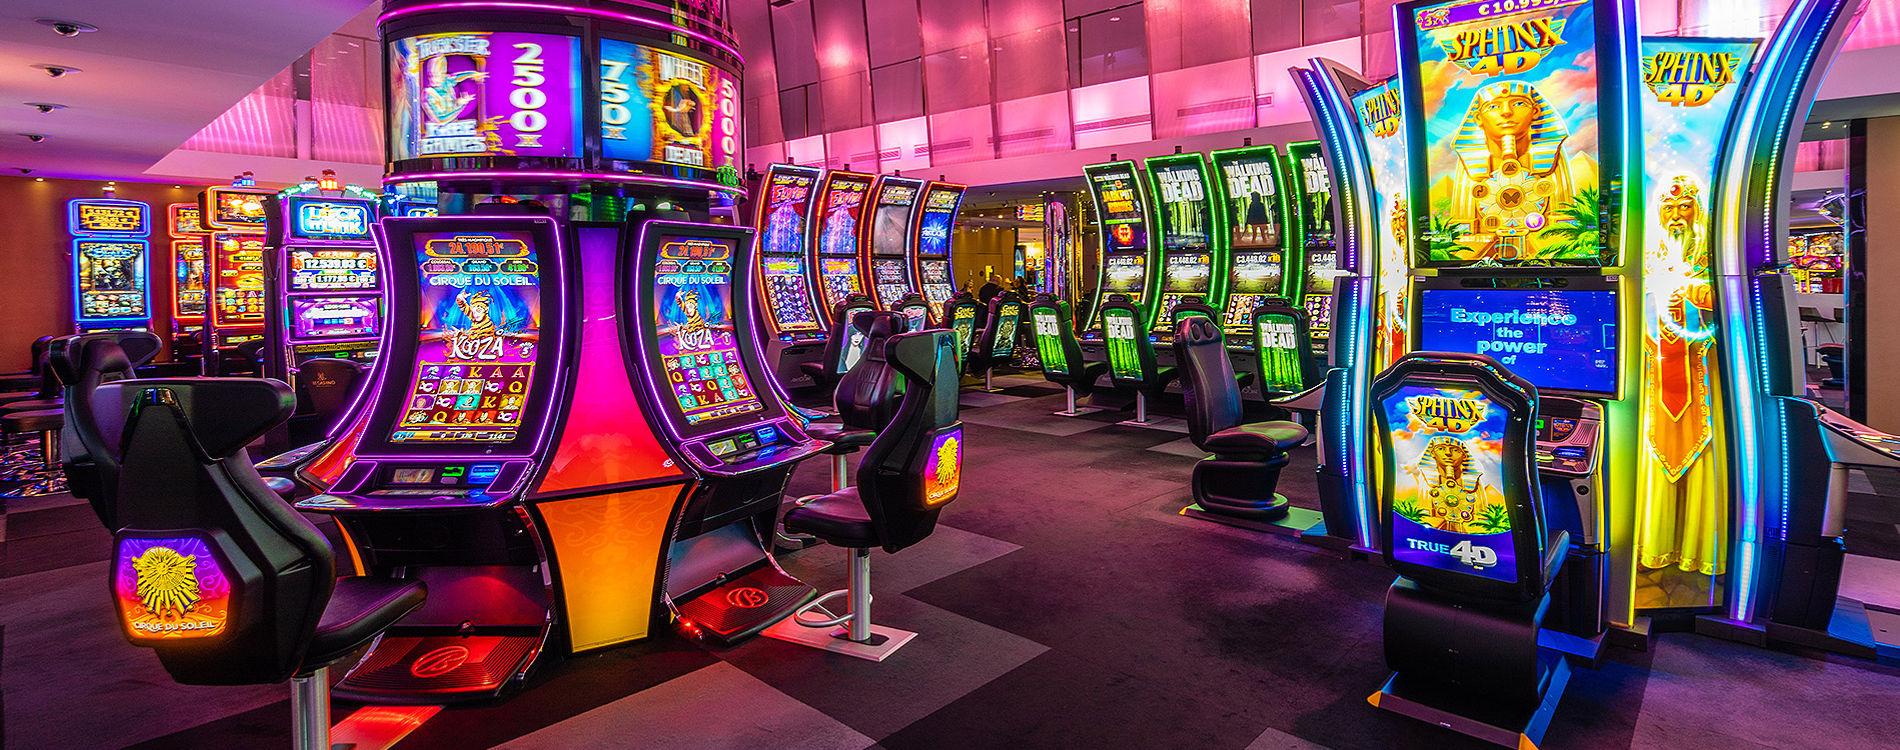 ccp_gambling_room_2018_0002_id111321_rsz